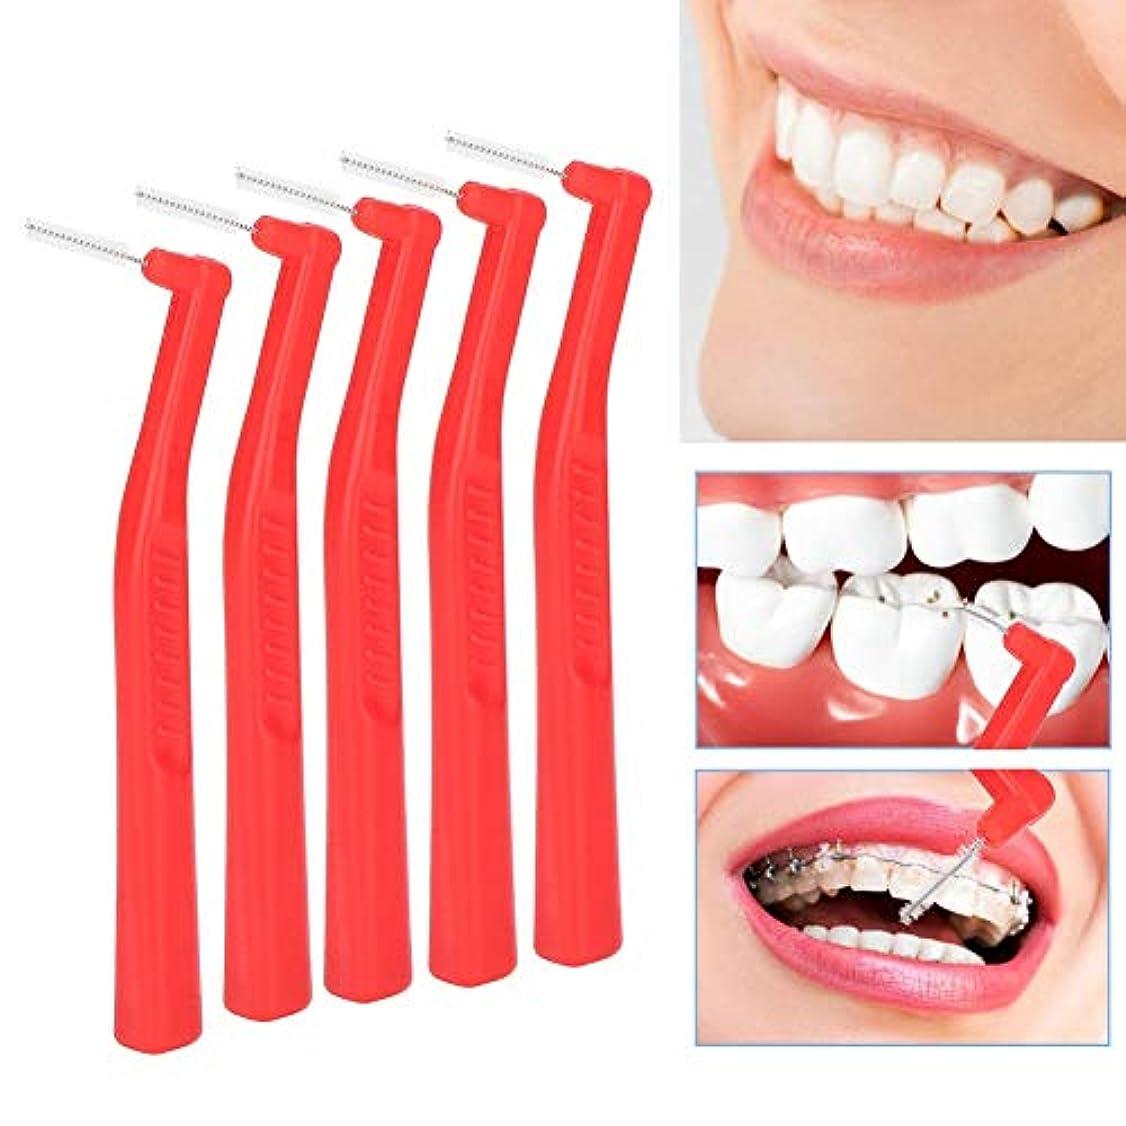 聞く鷹簿記係歯間ブラシ、5本の深く柔らかい髪の歯の汚れ除去ブラシ